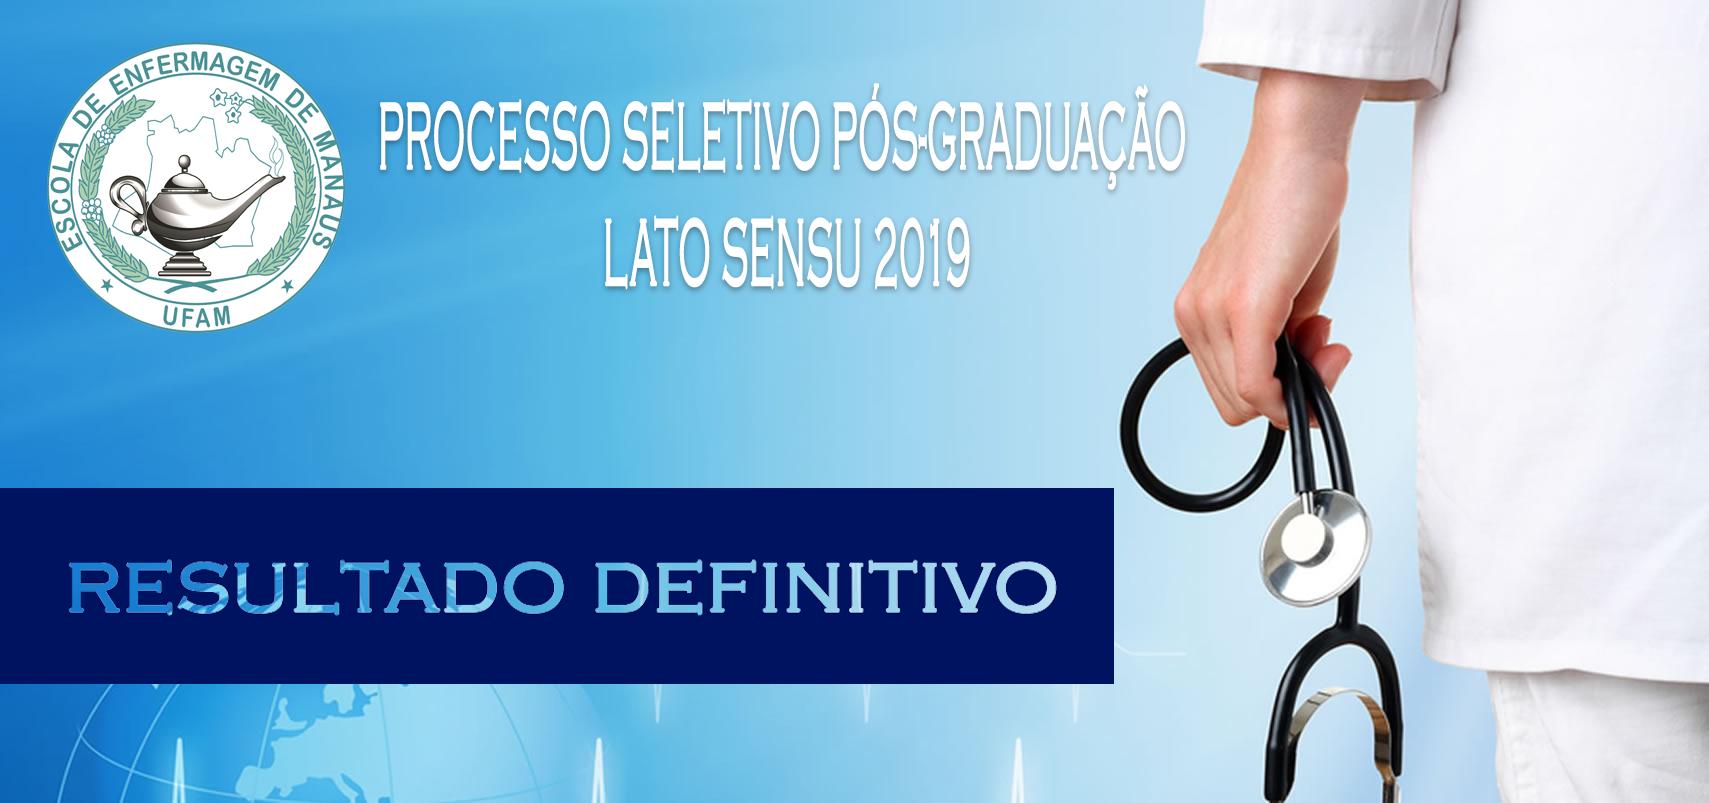 Bolsa Pós Lato Sensu 2019 - Resultado Definitivo